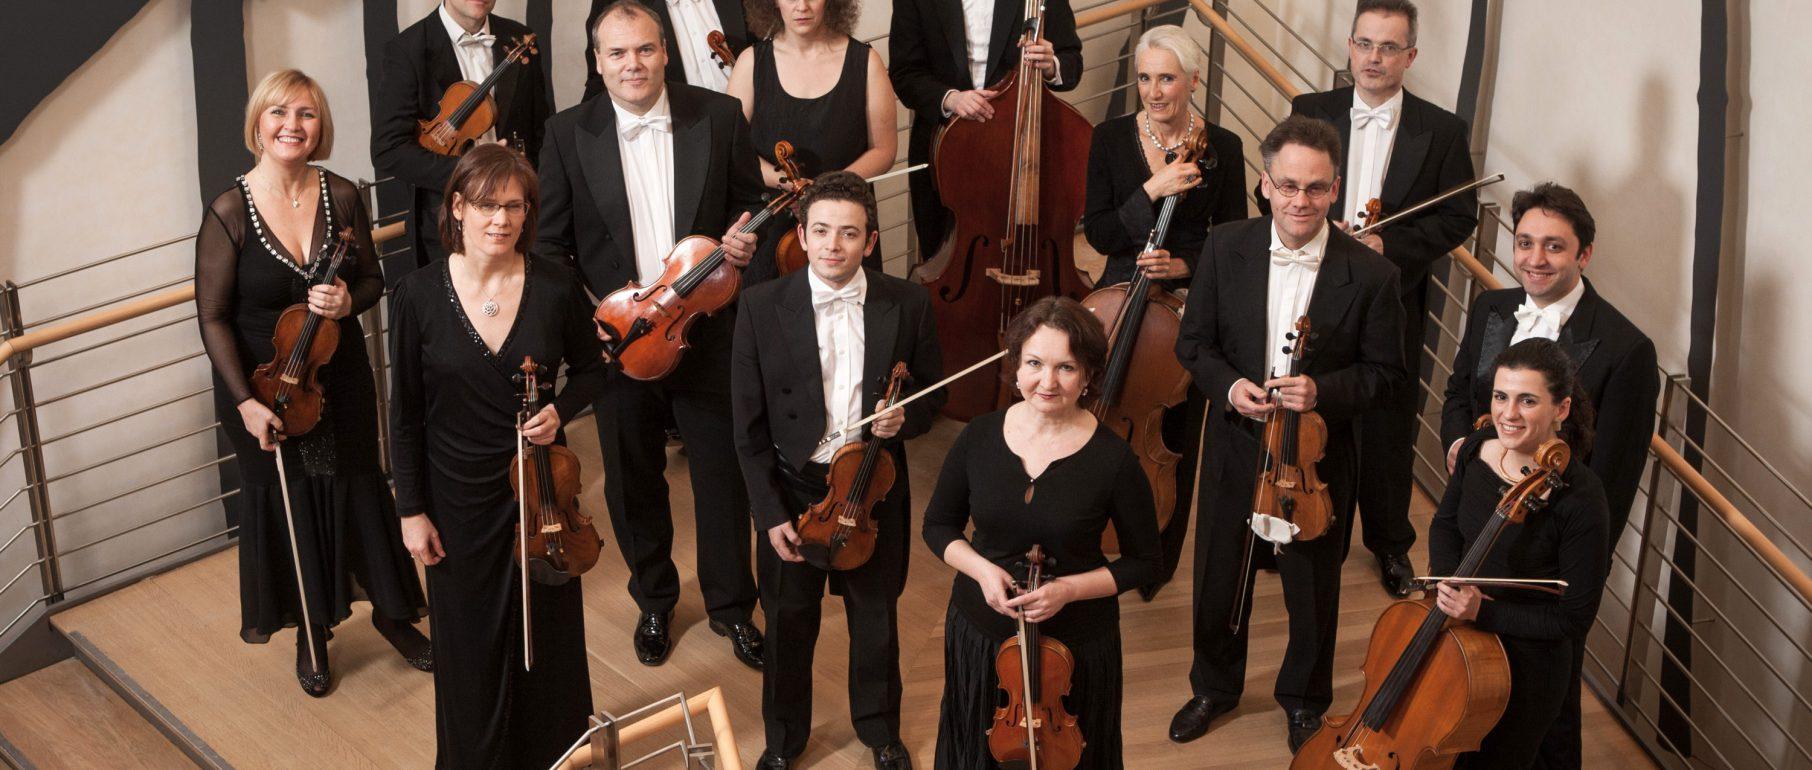 Südwestdeutsches Kammerorchester ohne Dirigent, Draufsicht